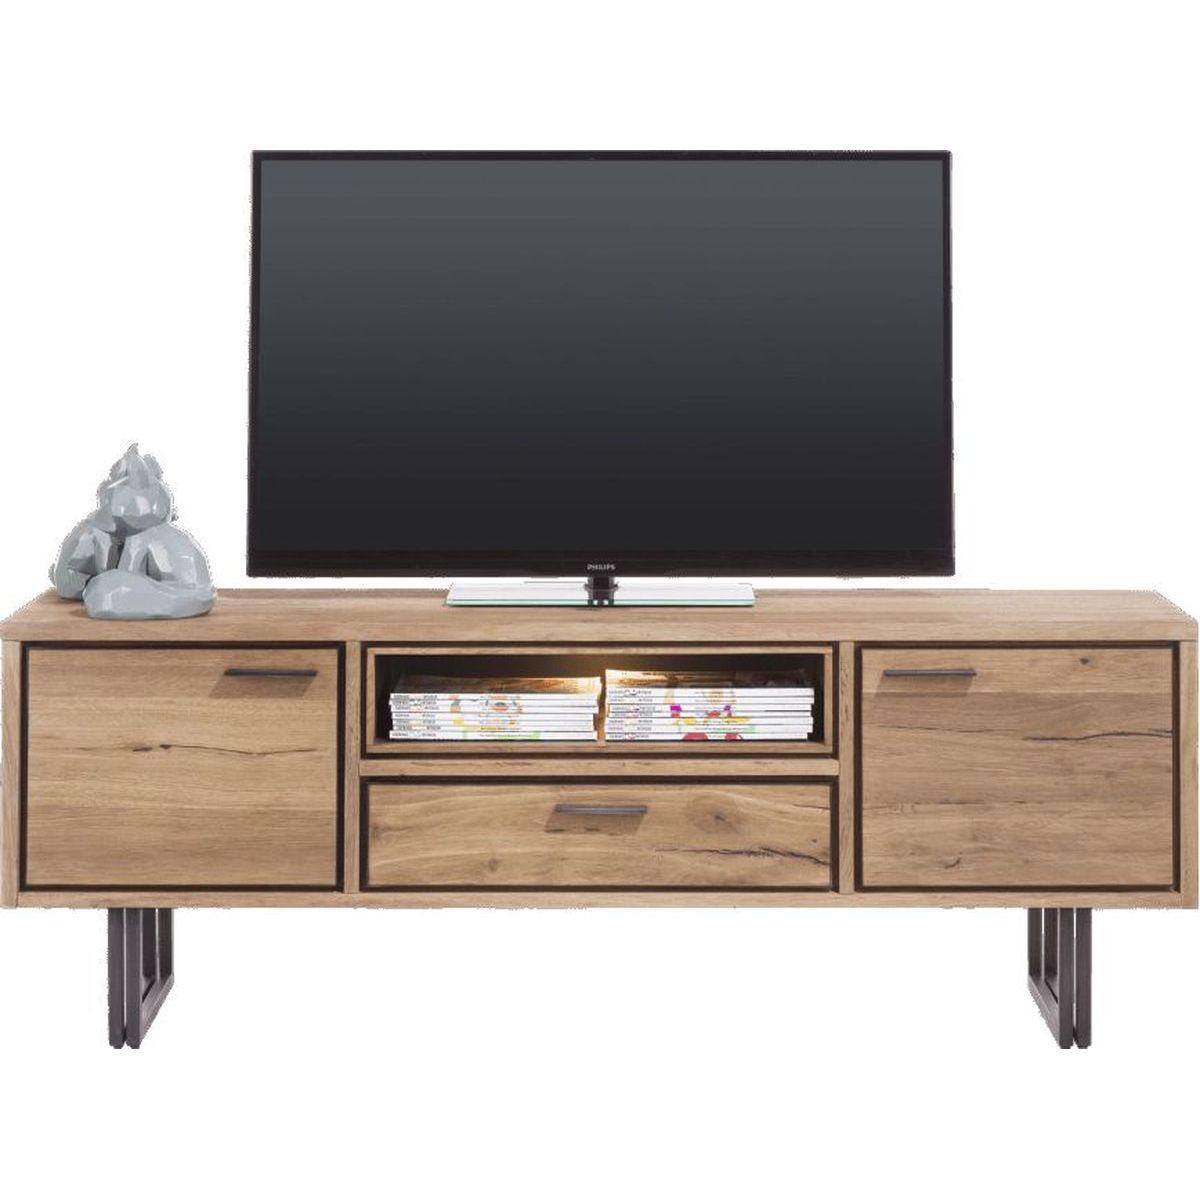 Meuble TV DENMARK Xooon 170cm